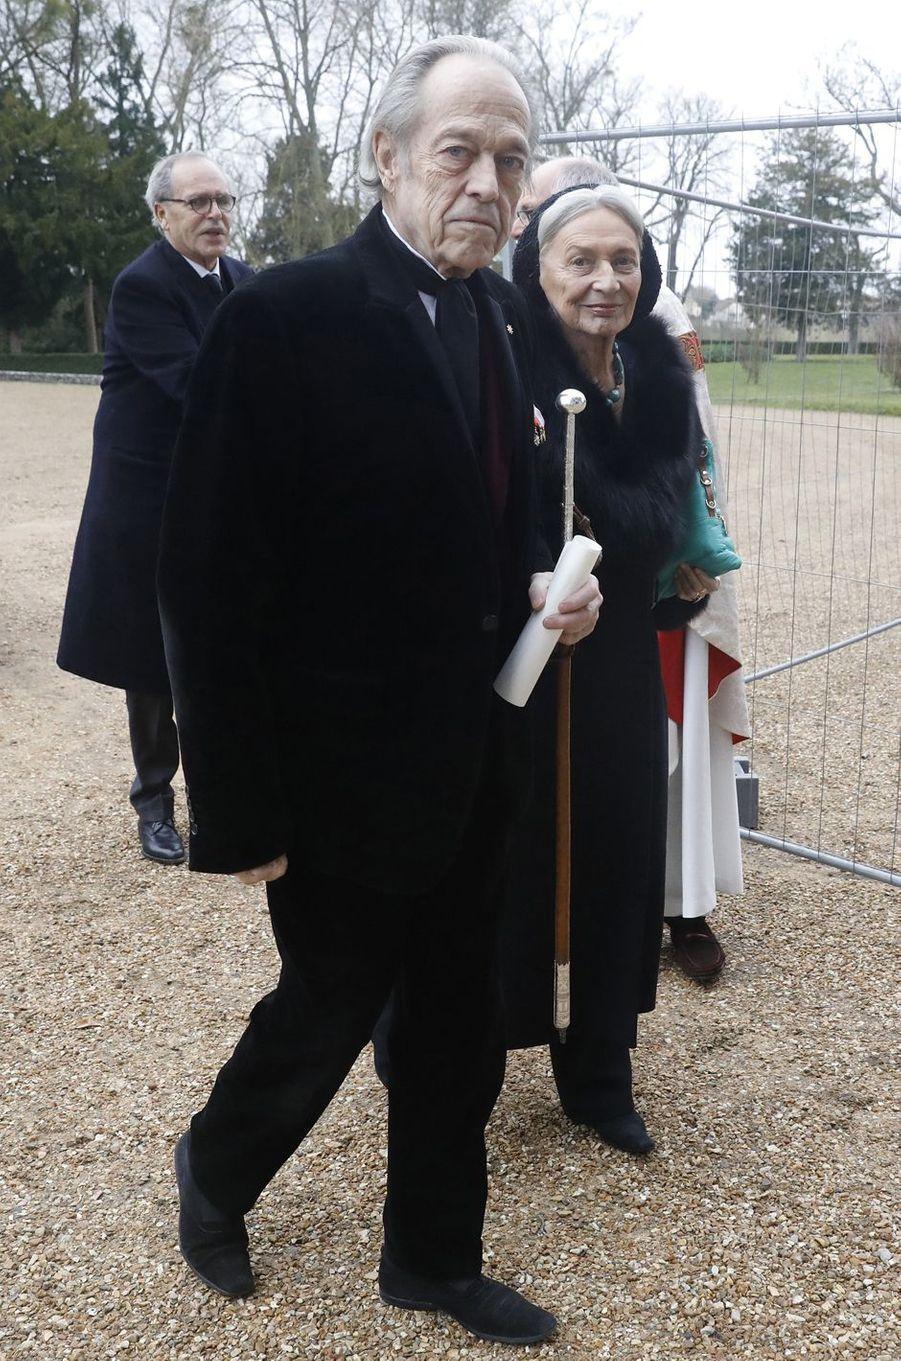 Le prince Henri d'Orléans, comte de Paris, et sa seconde épouse Micaela Cousino, comtesse de Paris, à Dreux le 6 janvier 2018